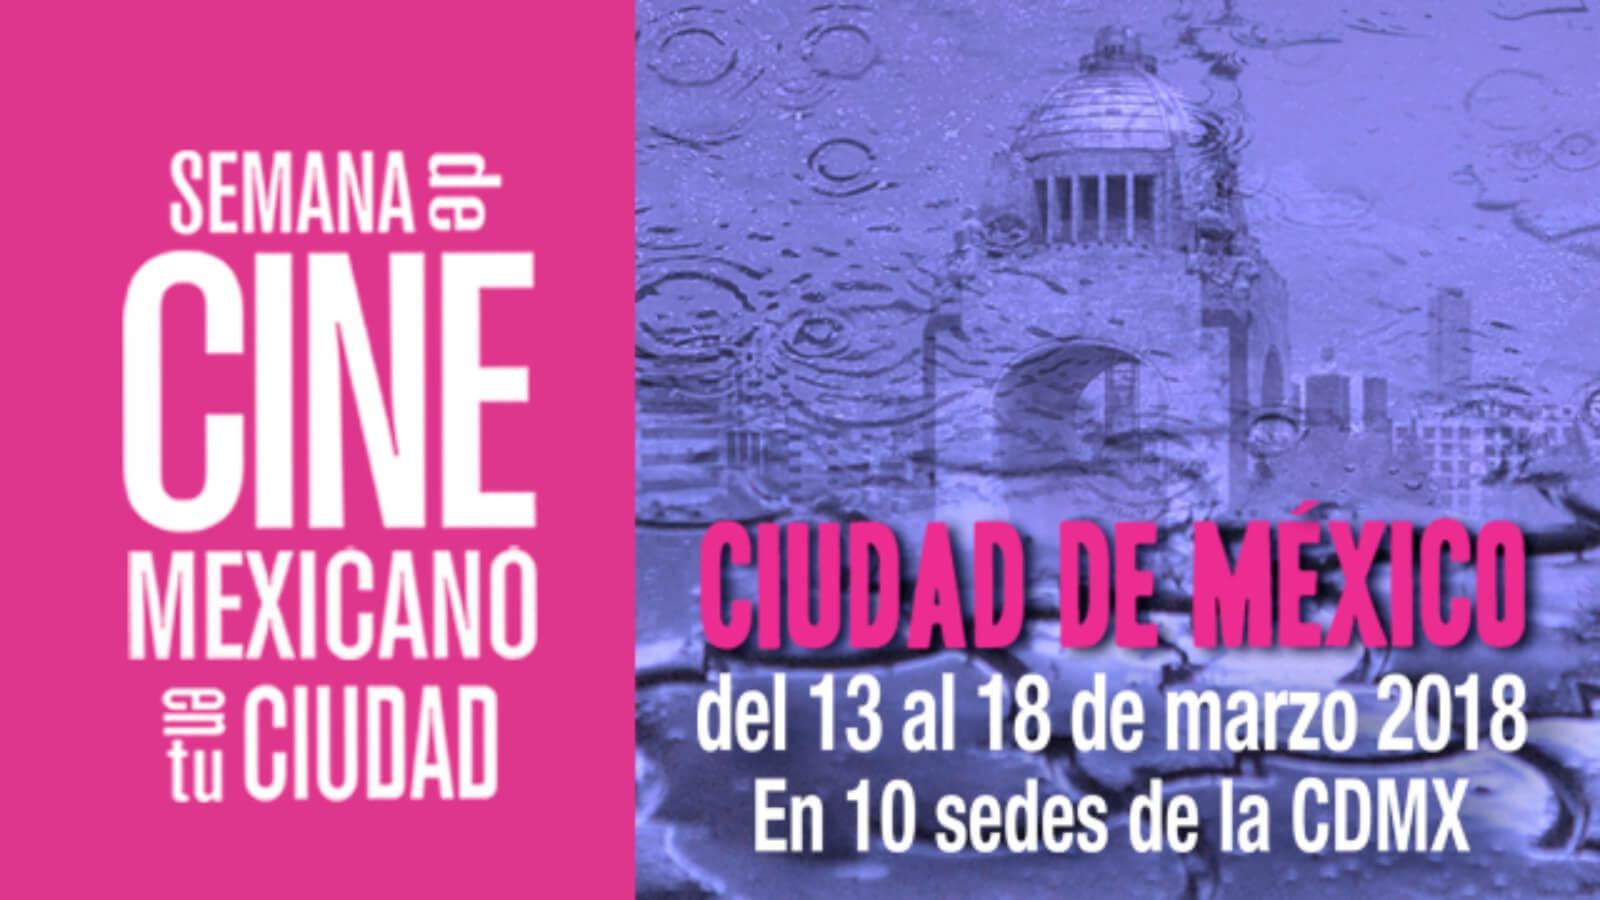 La semana del cine mexicano llega a la CDMX